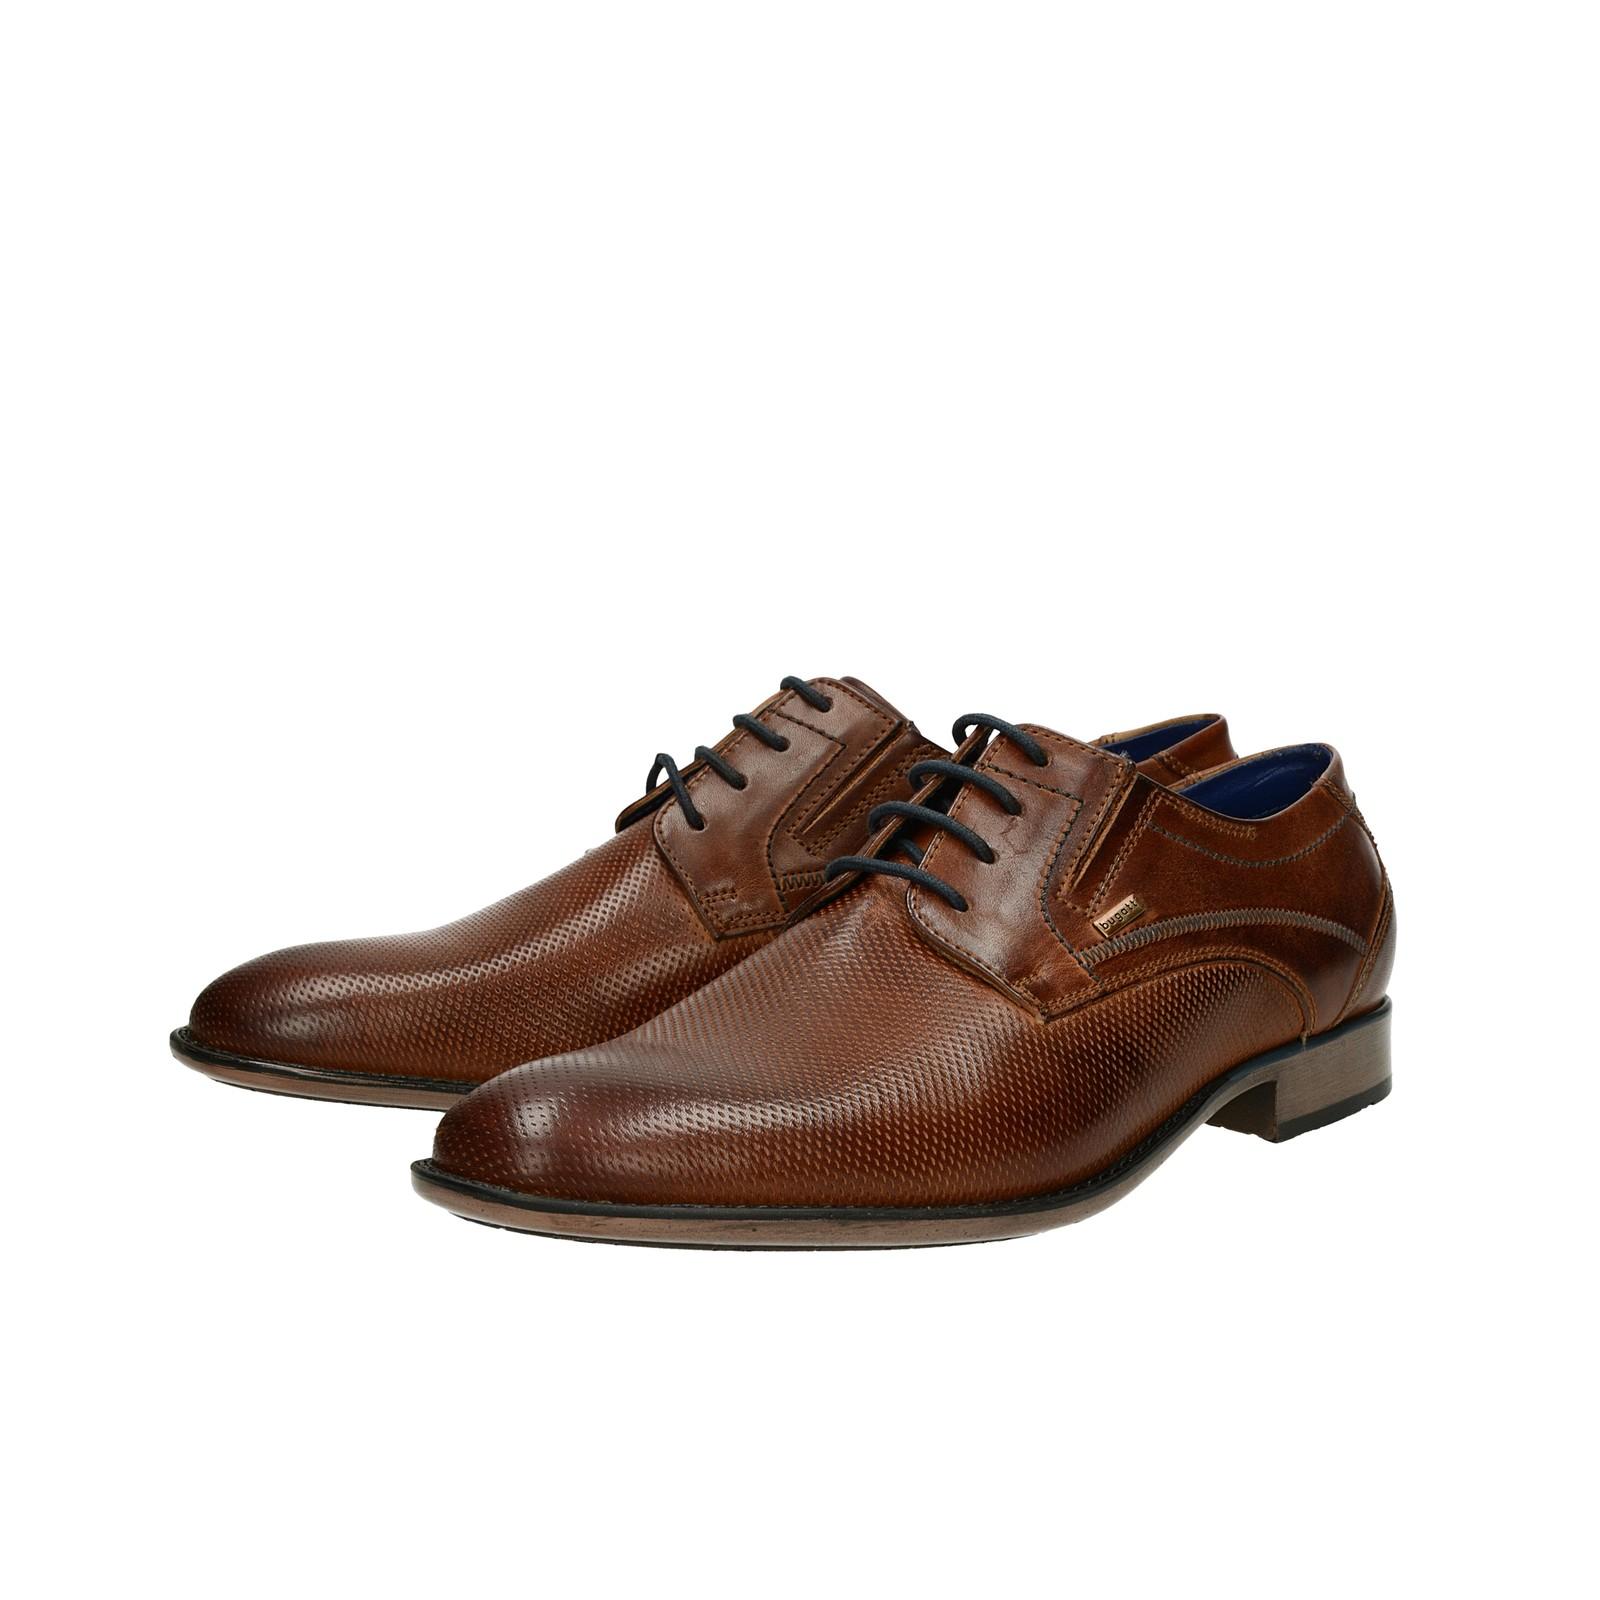 b4e60db3040a Bugatti pánske kožené spoločenské topánky - hnedé ...